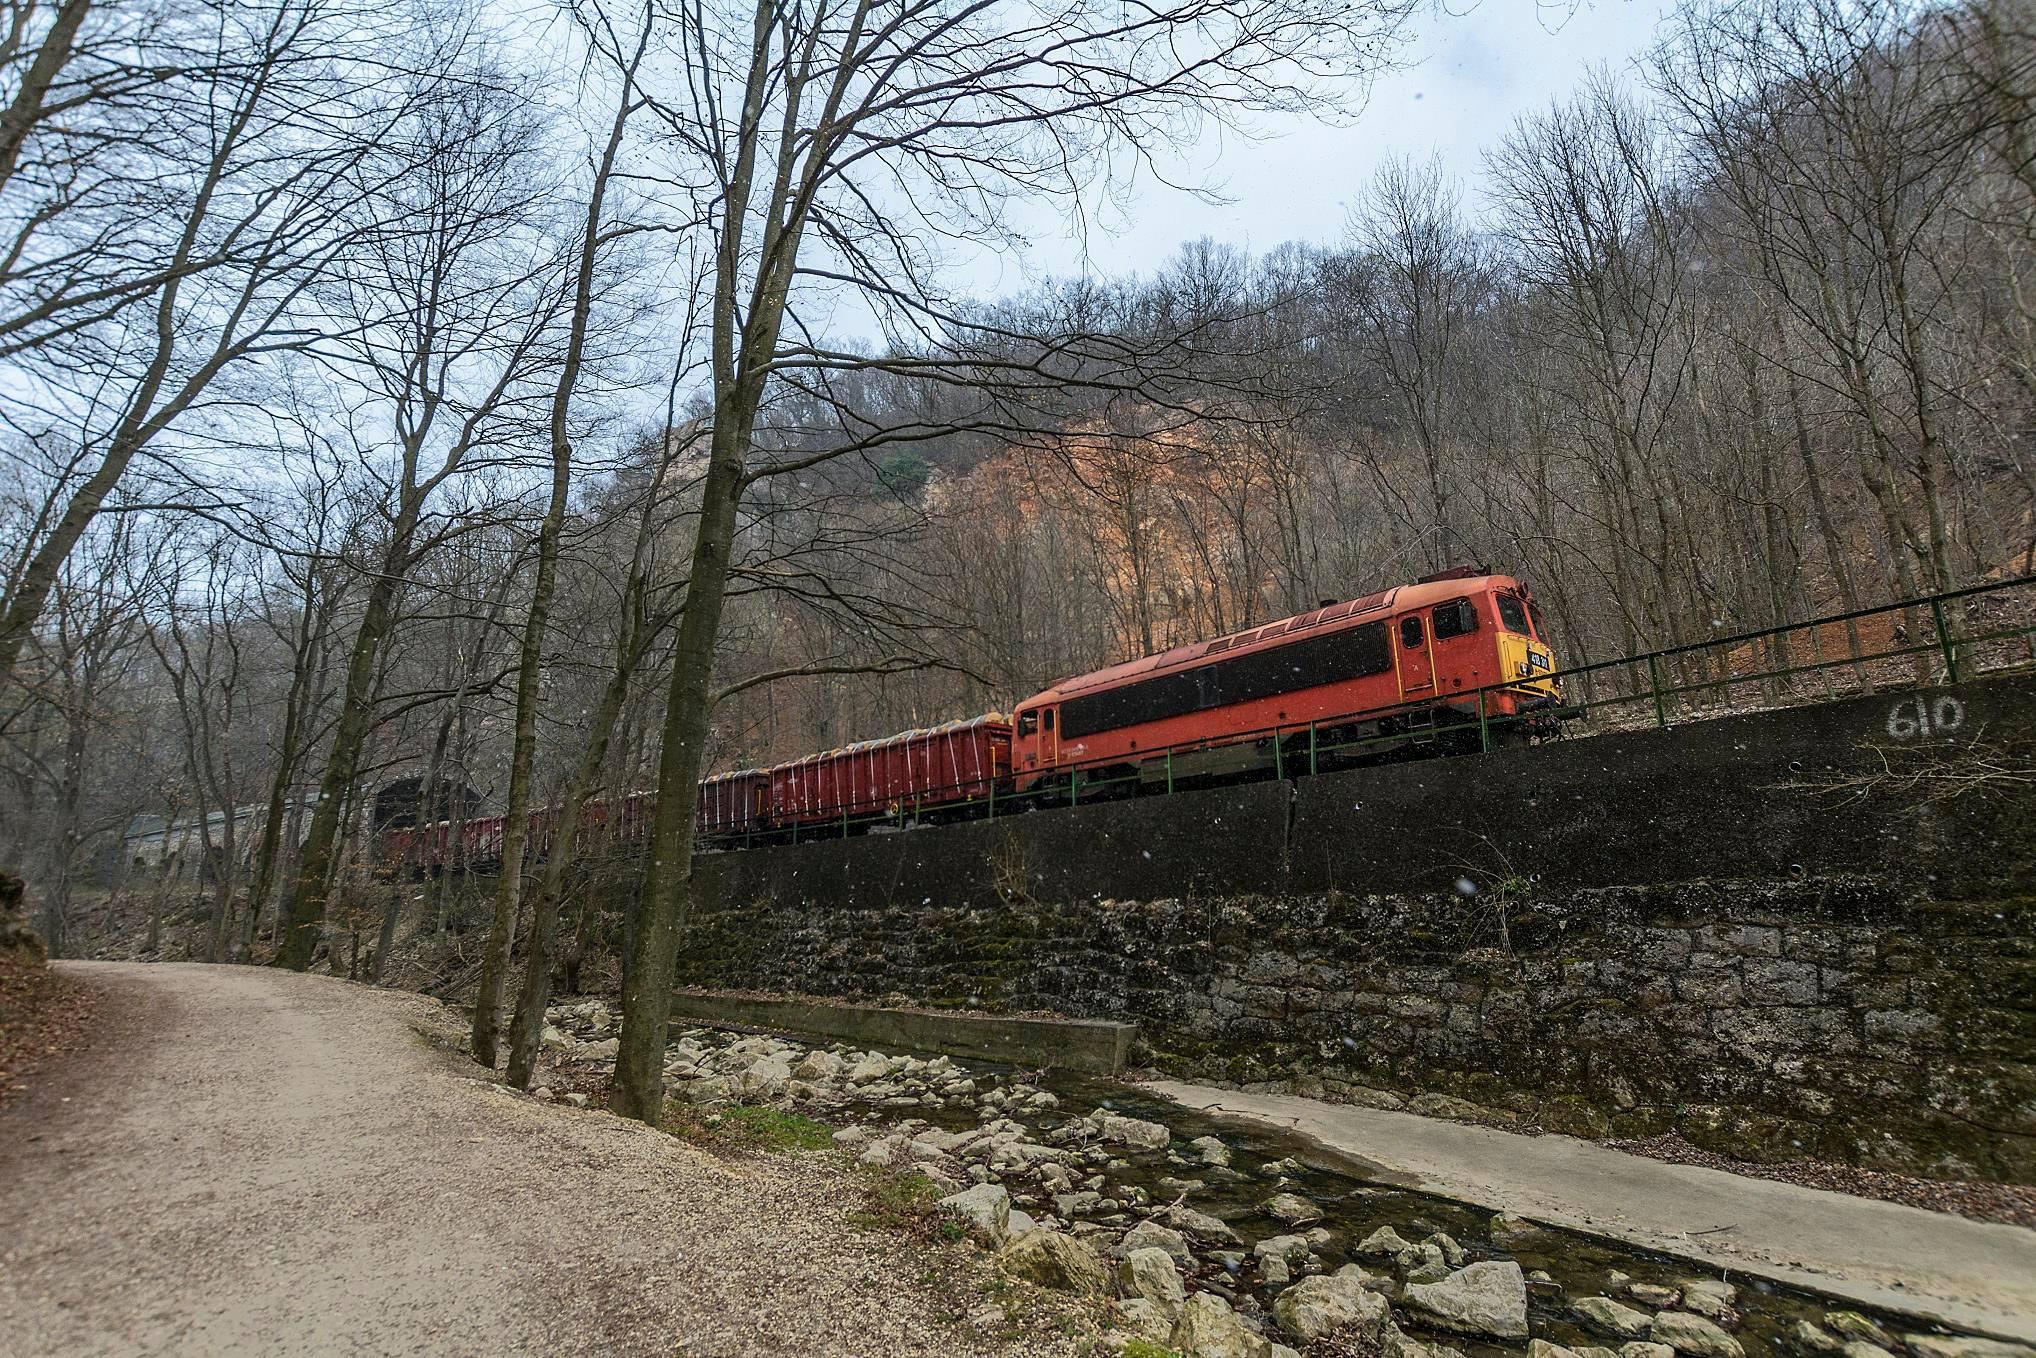 A napsütés–hózápor ütemben a rakott vonat a Vinye utáni vadregényes szakaszon a havat választotta (fotó: Szabó Bence)